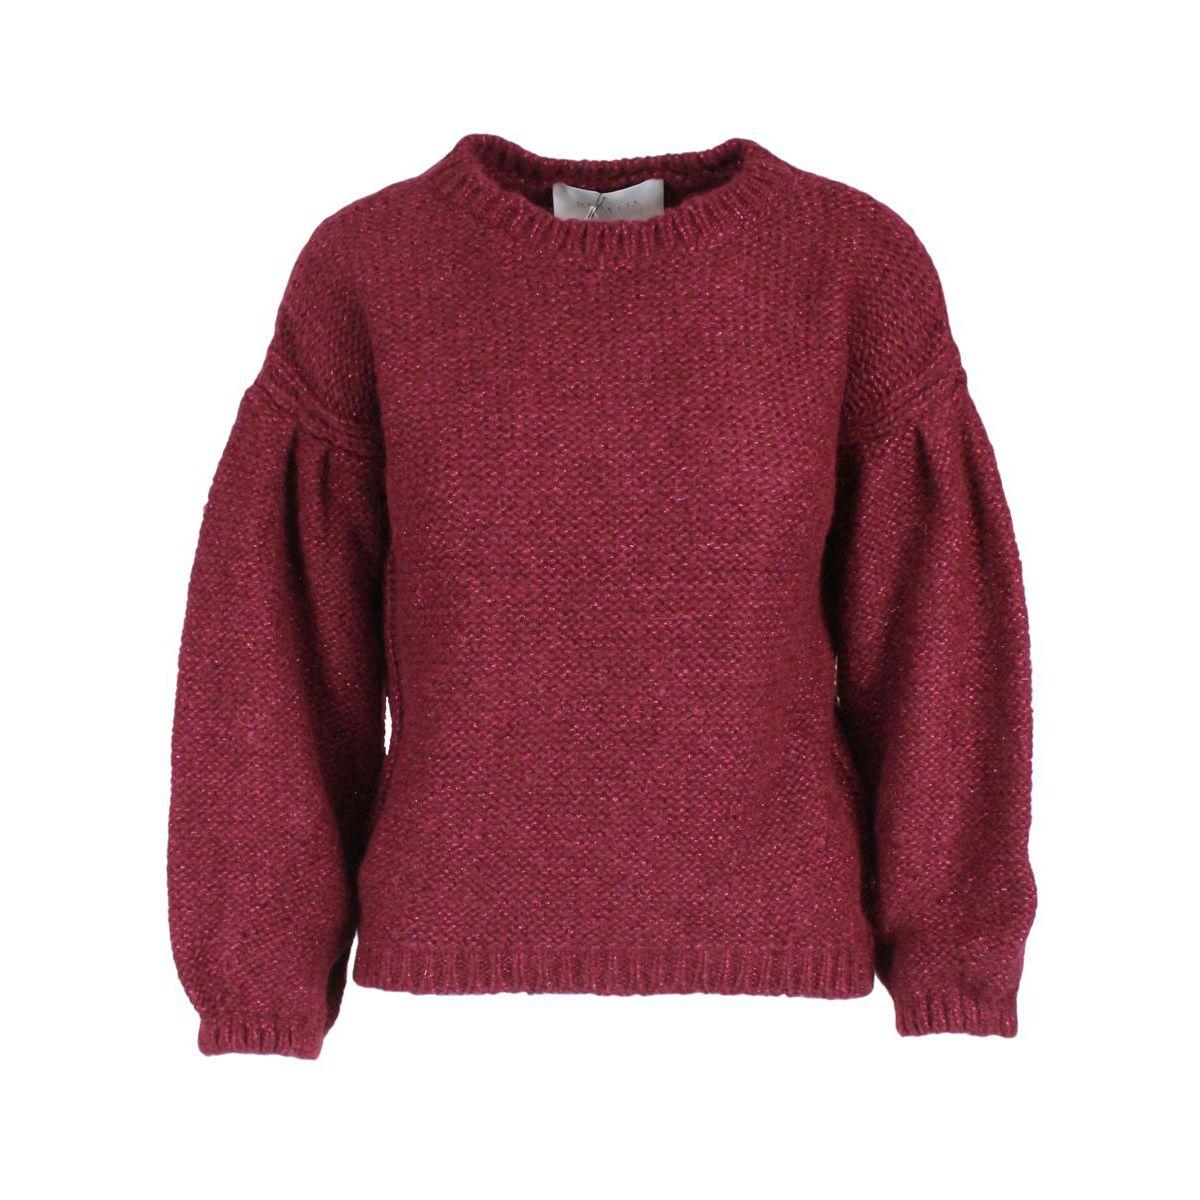 Meinella sweater with wide sleeve in cotton blend Bordeaux Nenette